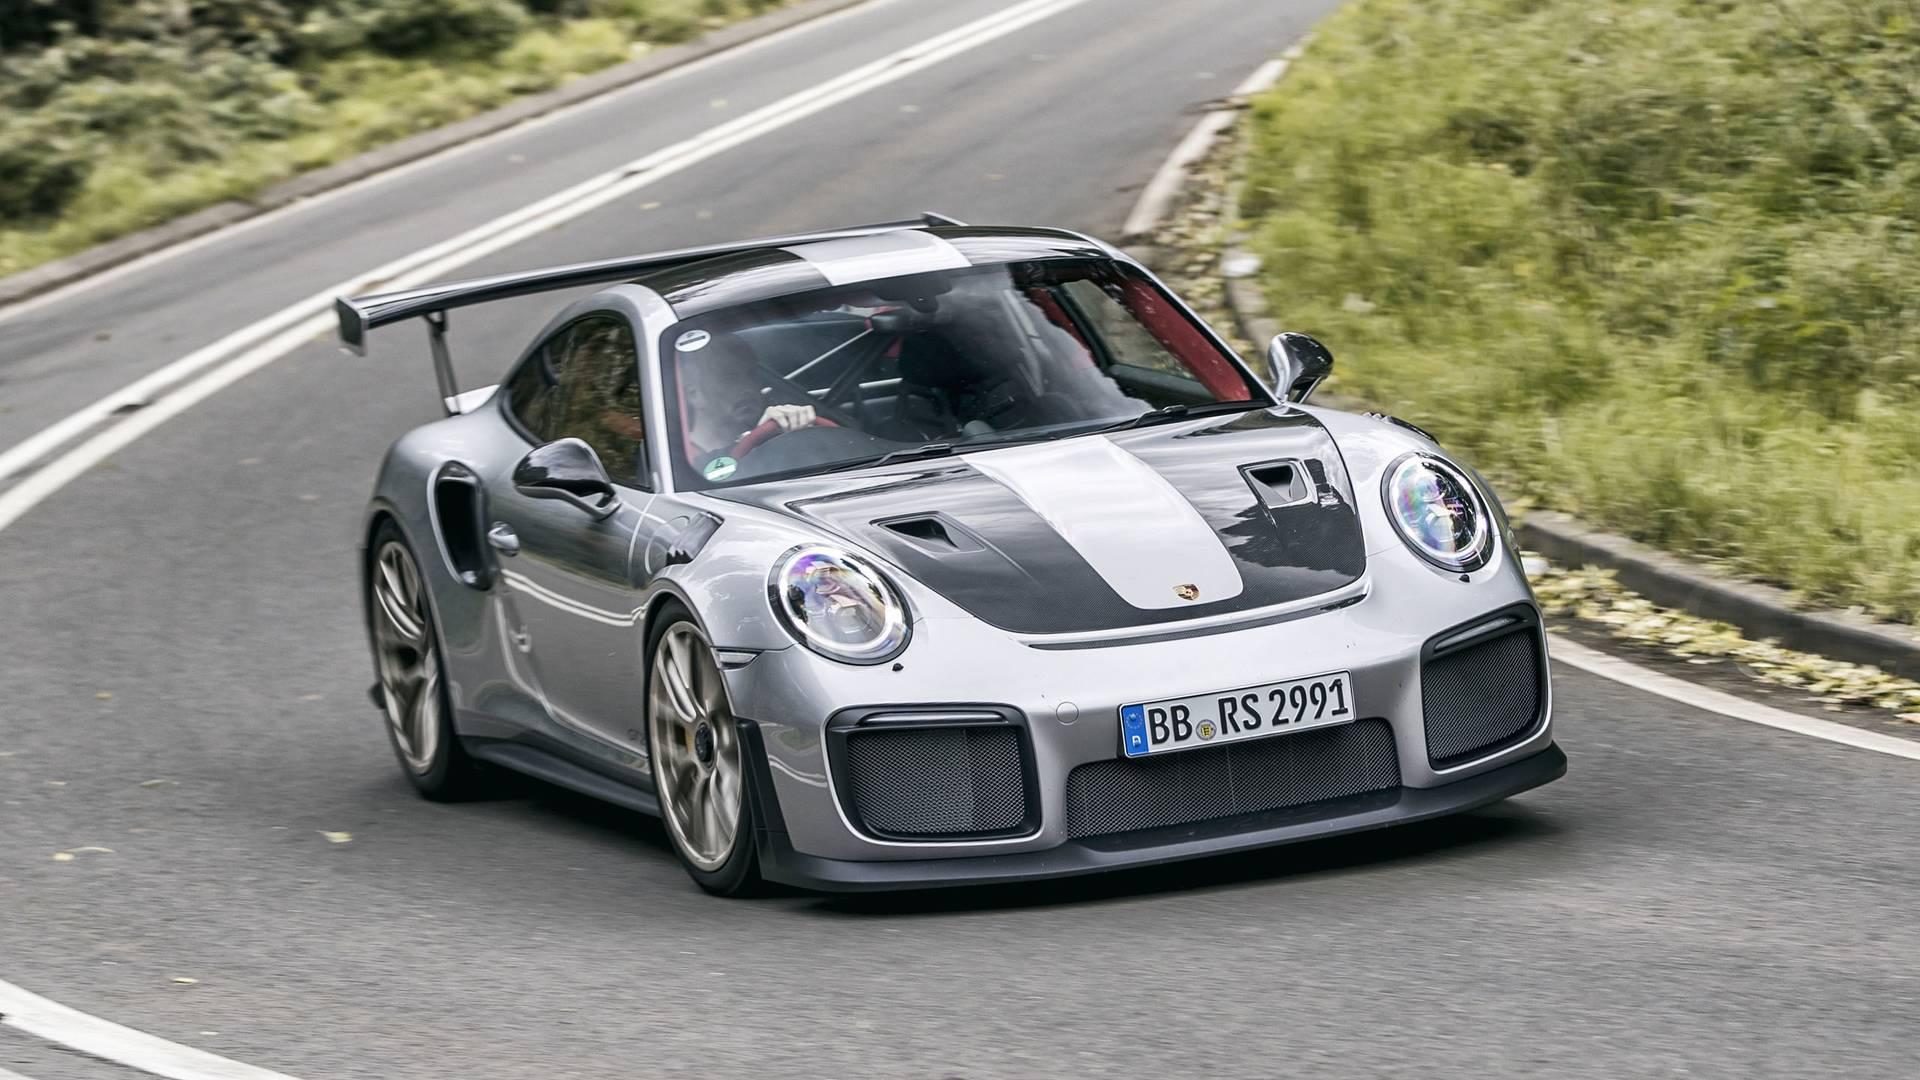 2018-porsche-911-gt2-rs-first-drive Gorgeous Porsche 911 Gt2 Rs Essai Cars Trend